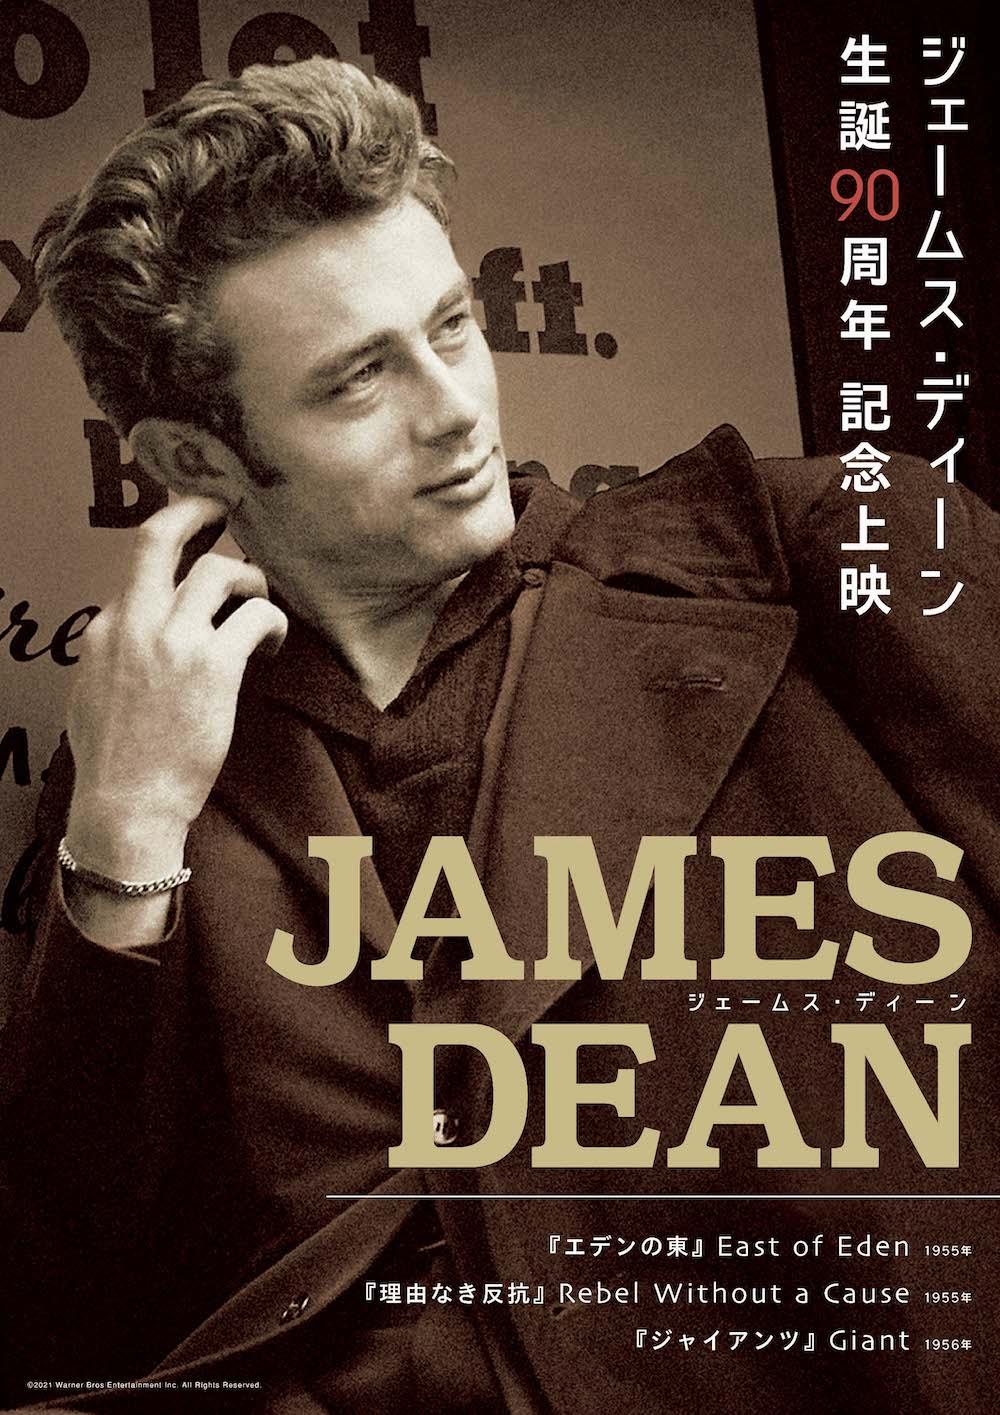 ジェームス・ディーン 生誕90周年 記念上映